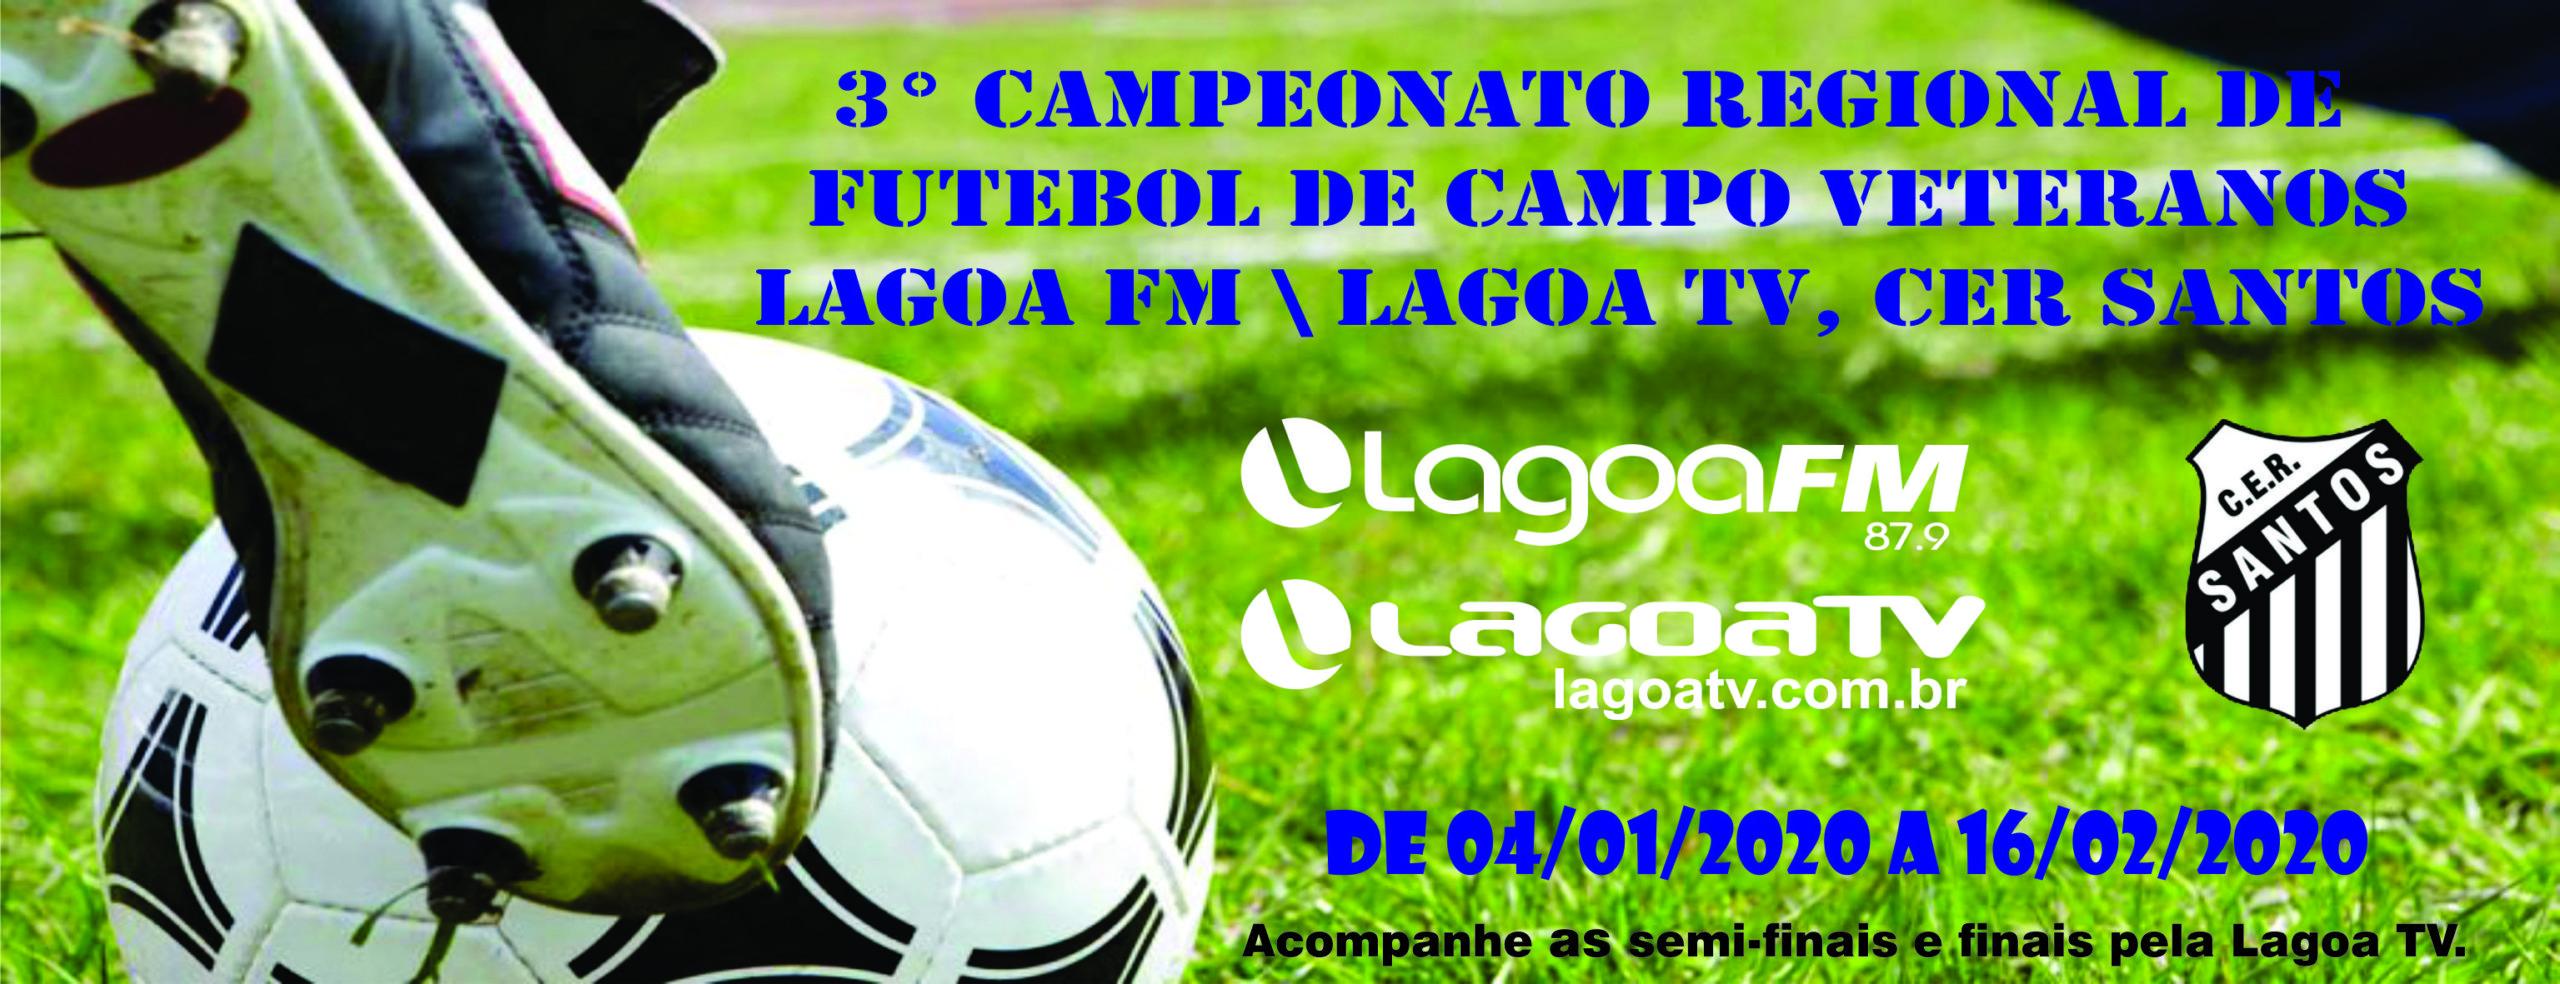 3° Copa Regional de Futebol de campo/ veteranos Lagoa FM, Lagoa TV, CER Santos